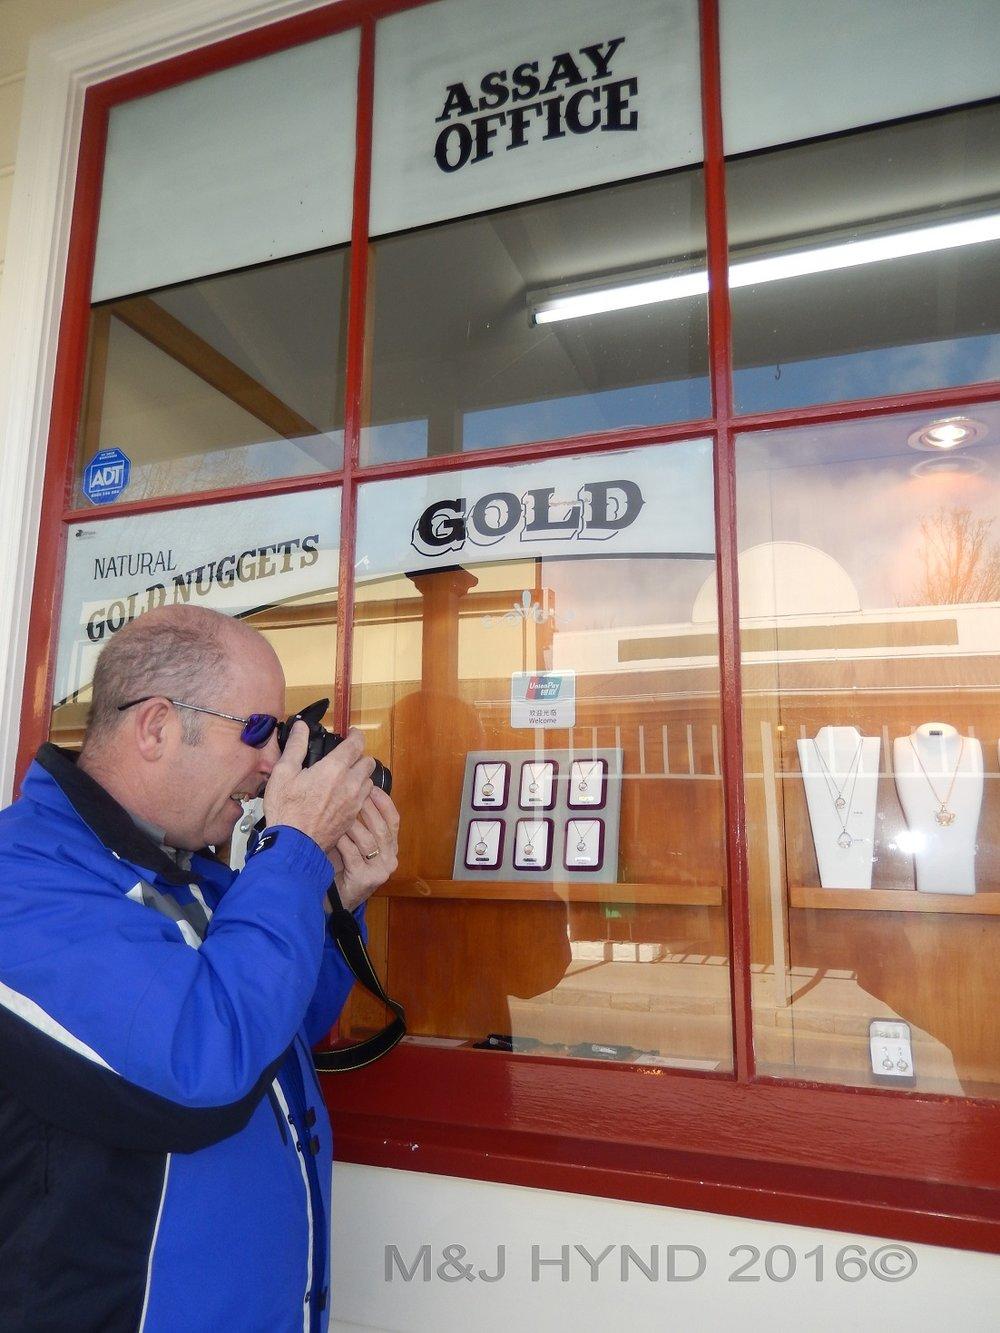 Gold assay office, Arrowtown, NZ